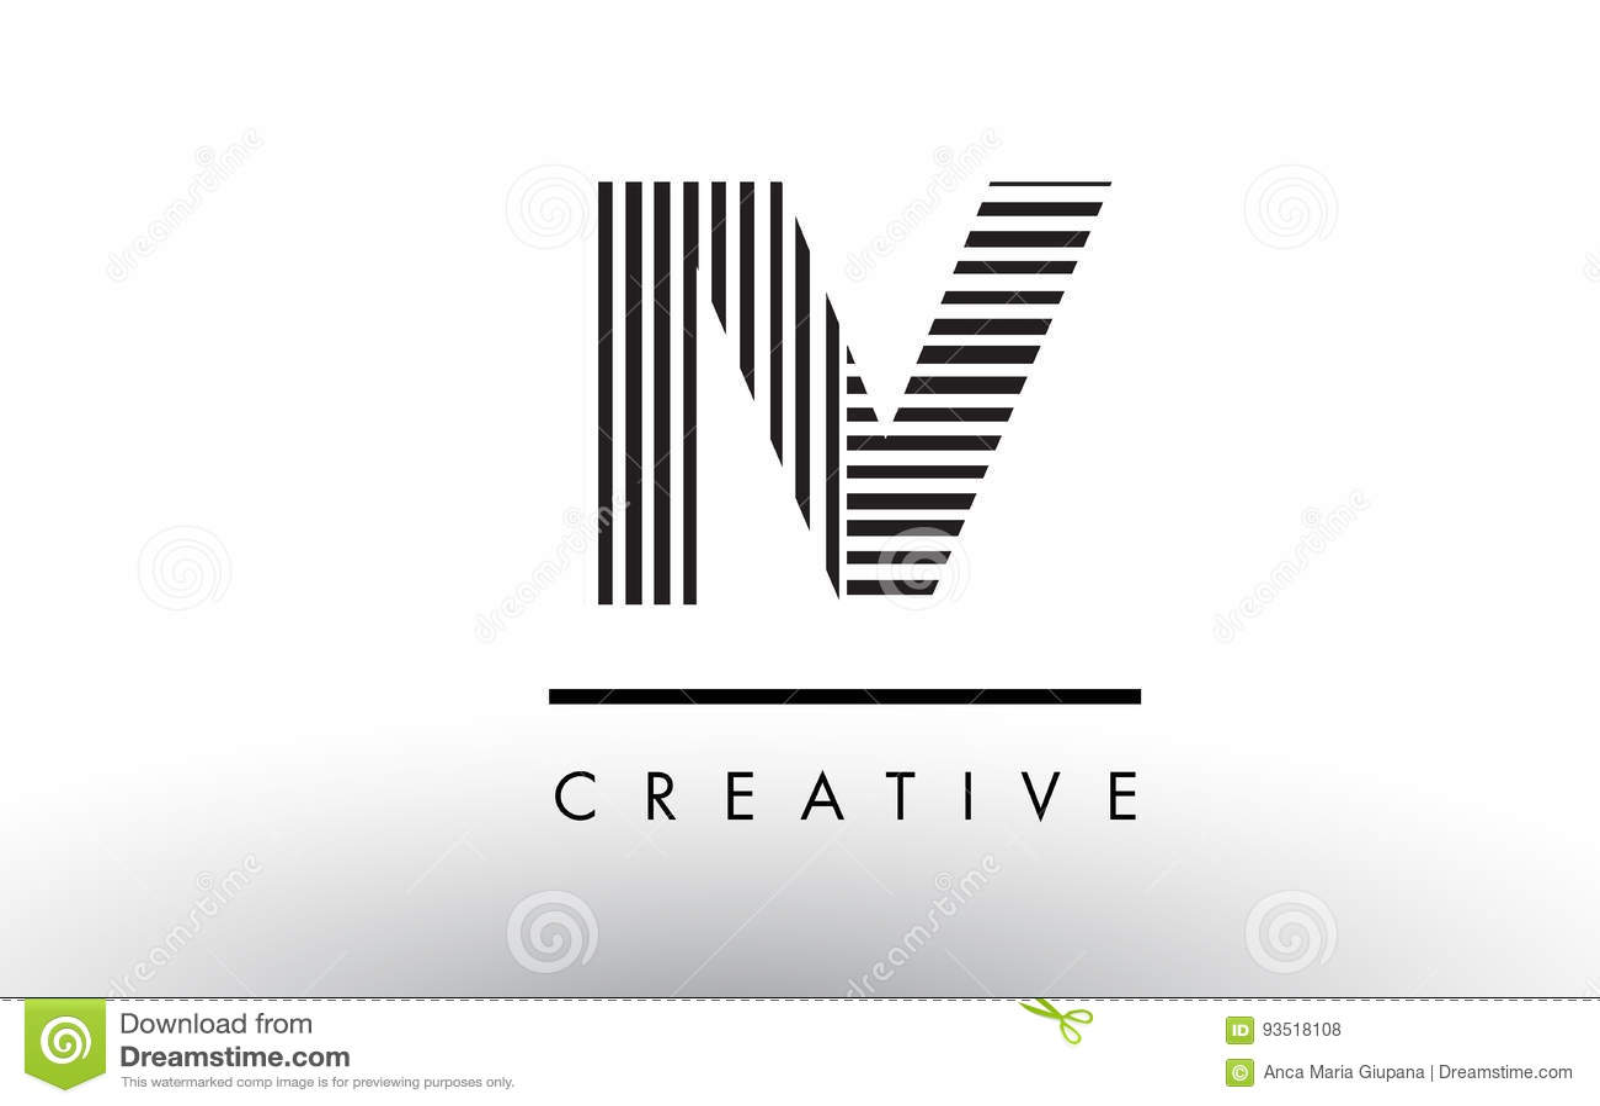 Iv I V Black And White Lines Letter Logo Design Stock Vector